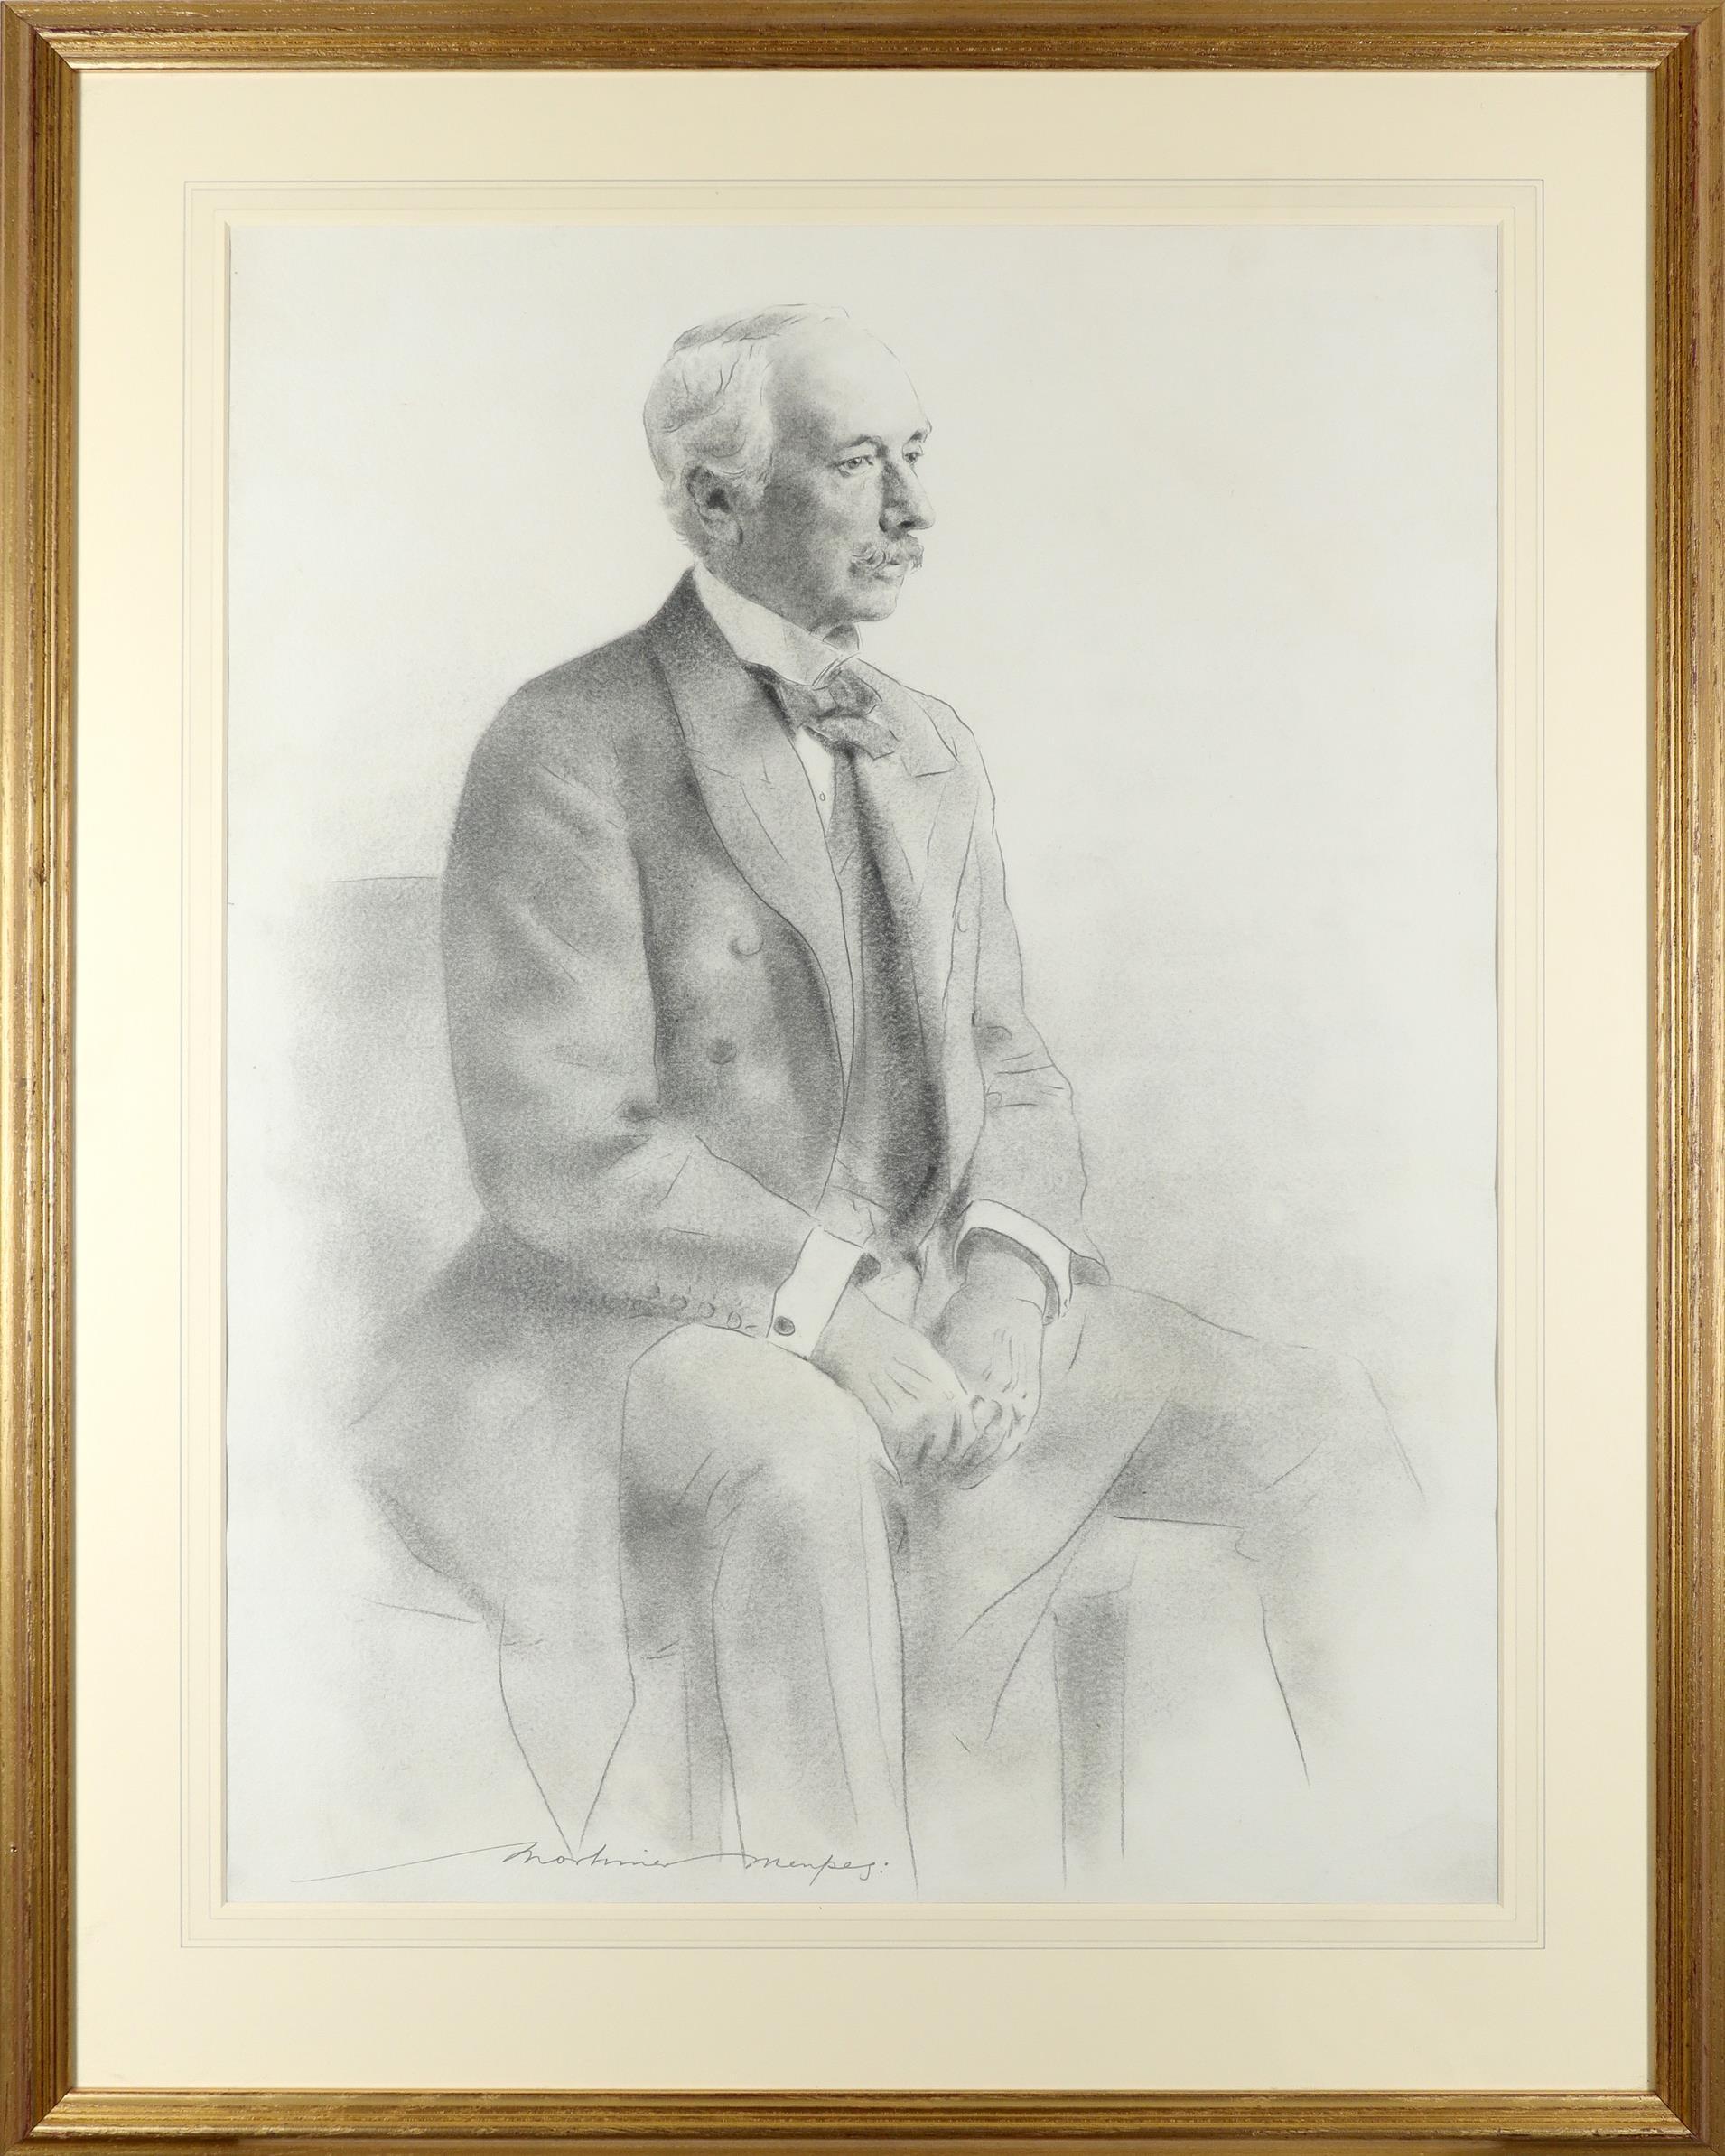 Mortimer Menpes (1860-1938) Portrait of Field Marshall the Rt. Hon. Garnet Joseph, Viscount - Image 2 of 3